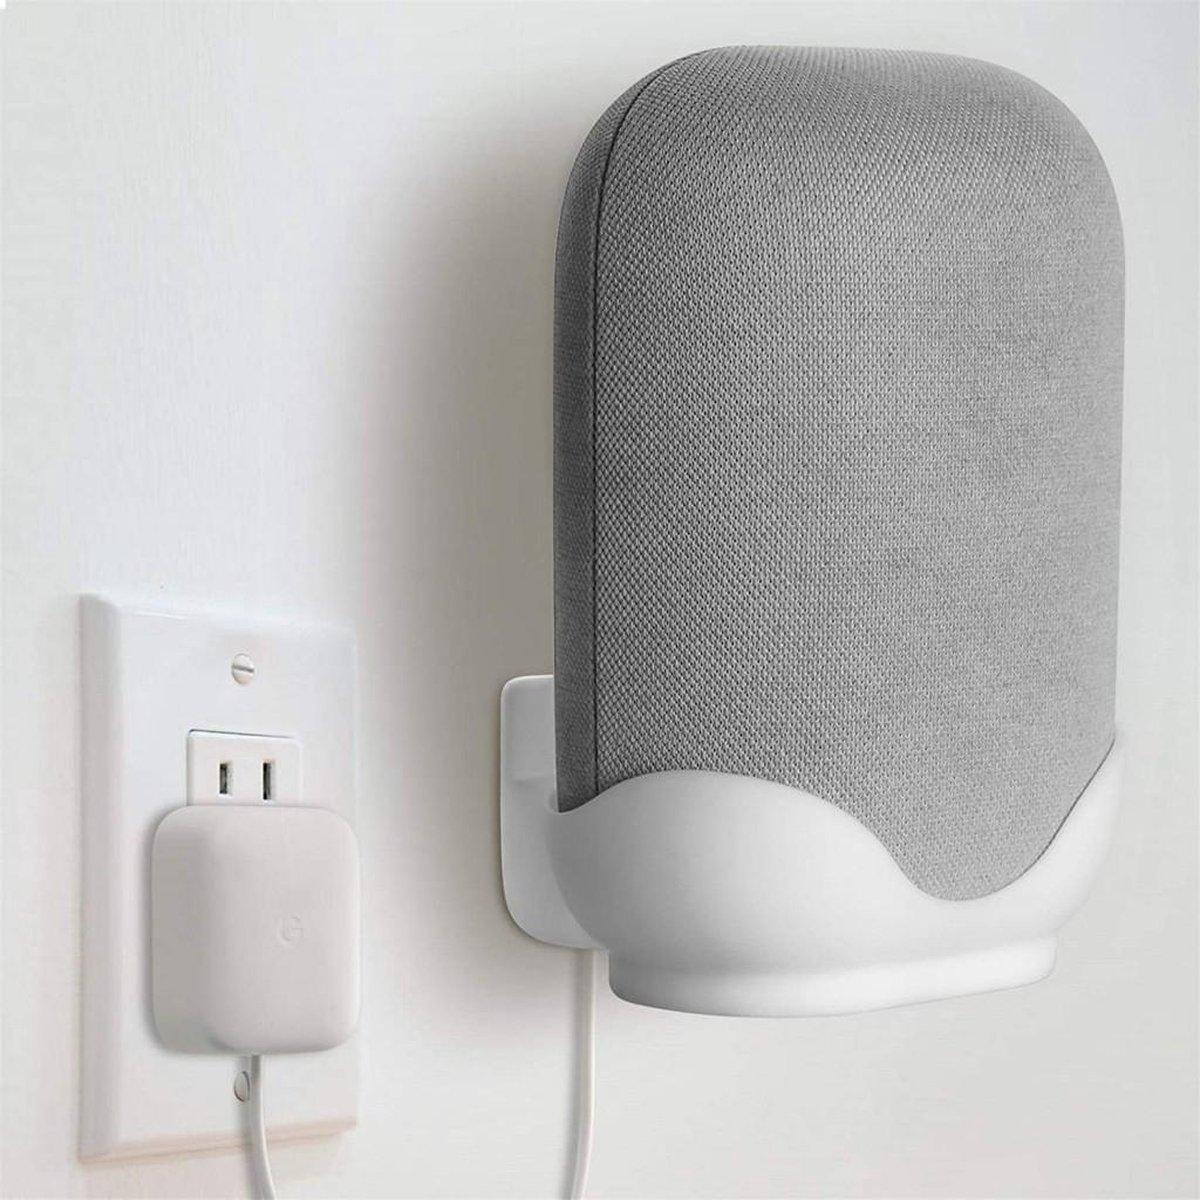 Luxe Wandsteun / Tafel Dock Charger Standaard Houder Voor Google Nest Audio Smart Speaker - Muurbeugel Wand Docking Station Oplaadstation Beugel Case Mount - Desk Muur Stand Steun - Ophang Wandbeugel Laadstation - Muursteun - Wit